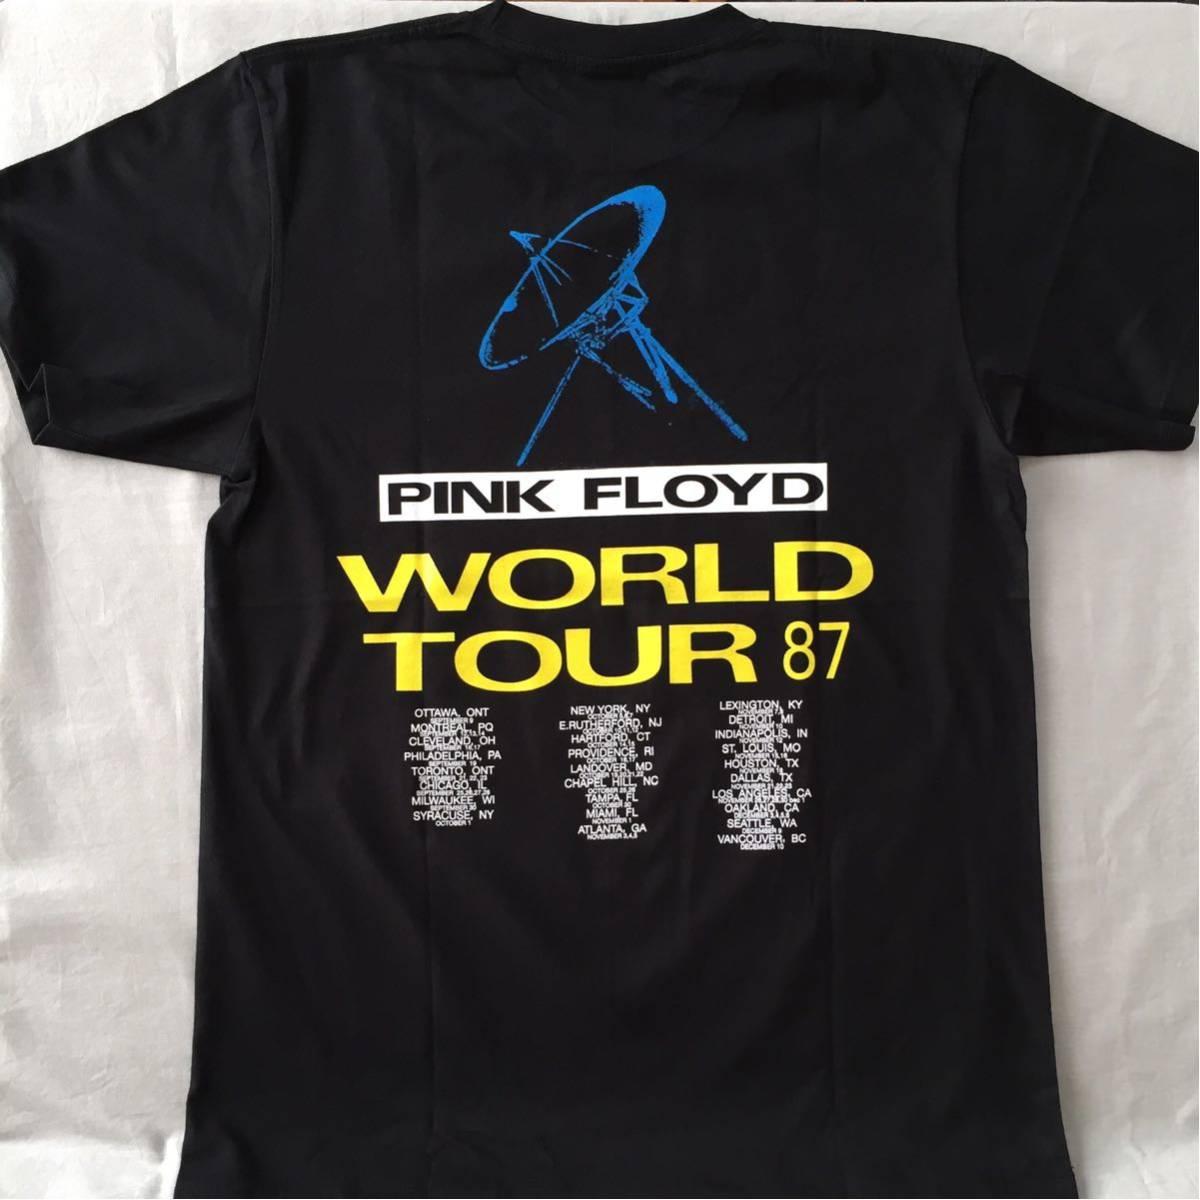 バンドTシャツ ピンク フロイド(PINK FLOYD) 新品 M_画像3